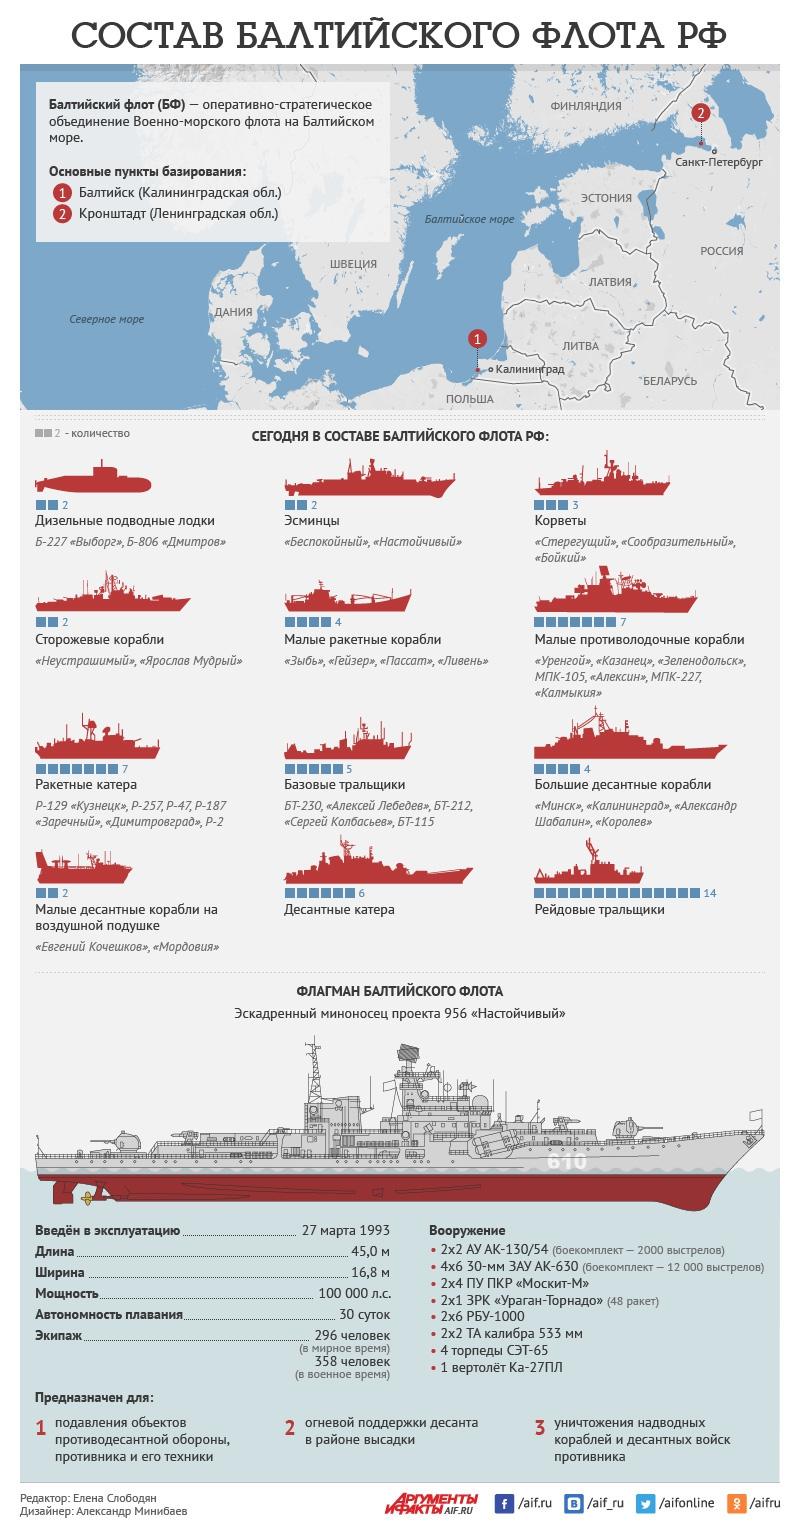 сколько в составе вмф россии подводных лодок